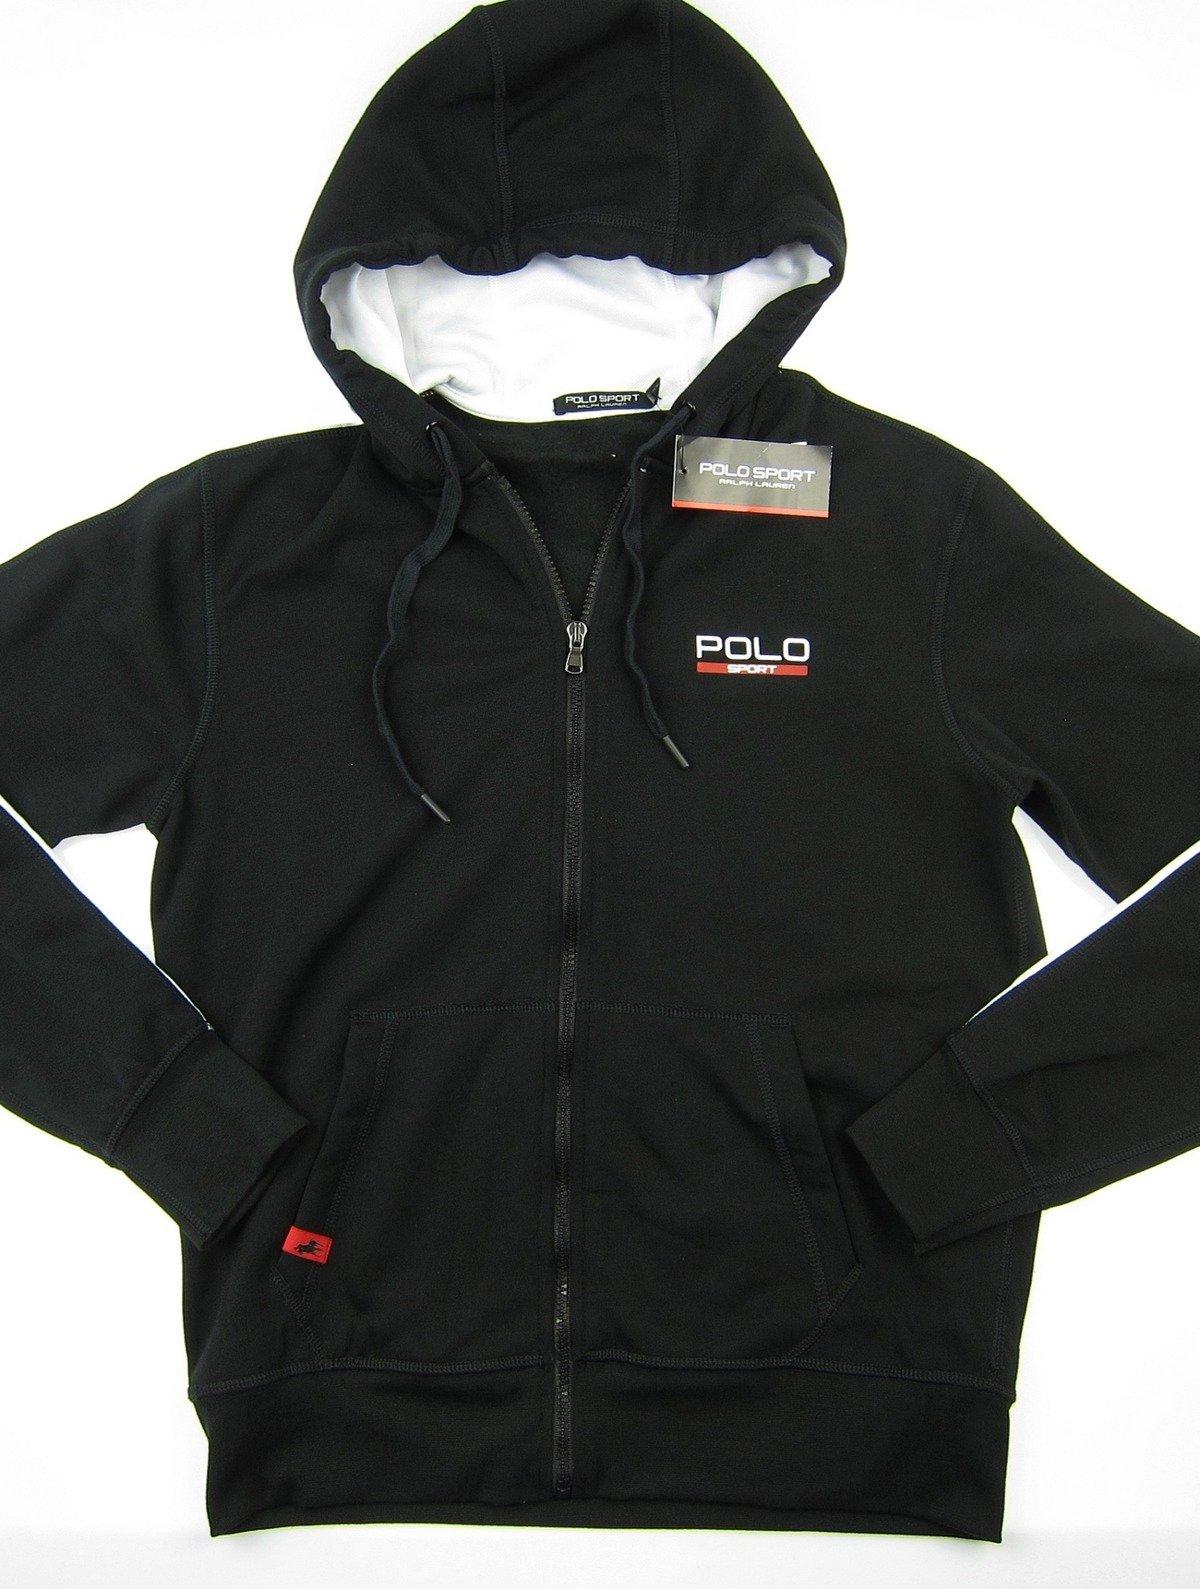 polo sport ralph lauren herren men kapuzenpullover hoodie sweat schwarz black herren men. Black Bedroom Furniture Sets. Home Design Ideas